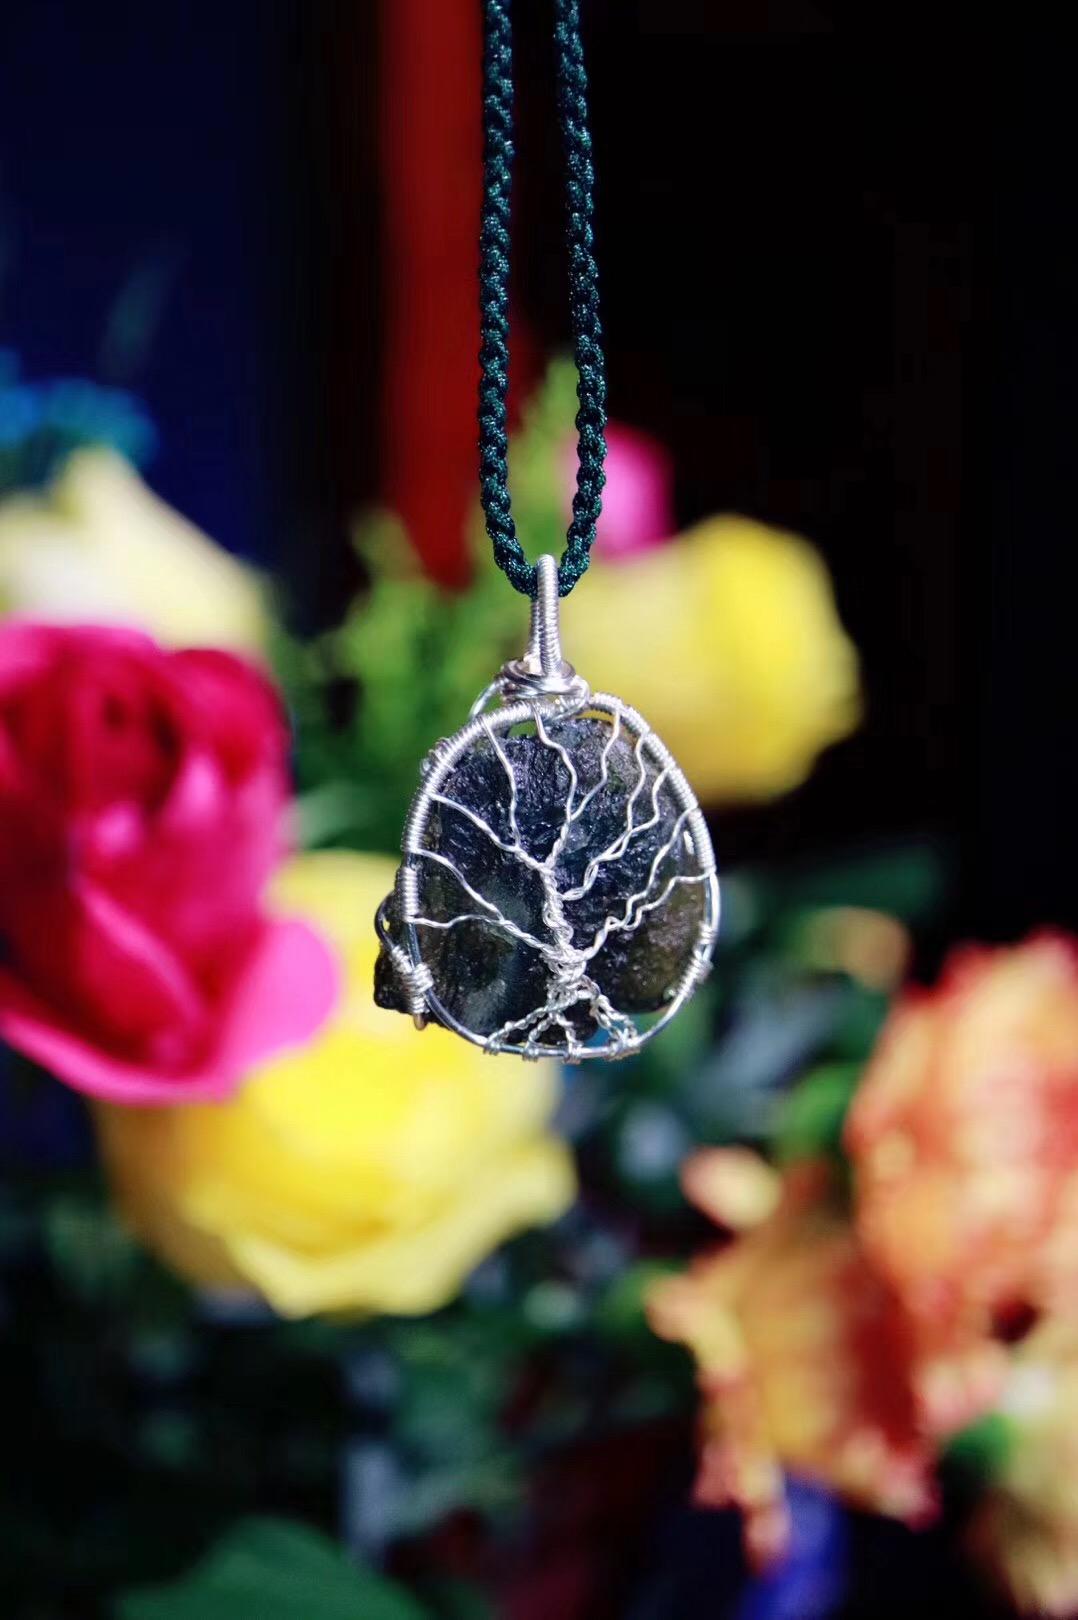 【菩心-捷克陨石 | 🌳】心轮打开的美人会越来越幸福-菩心晶舍